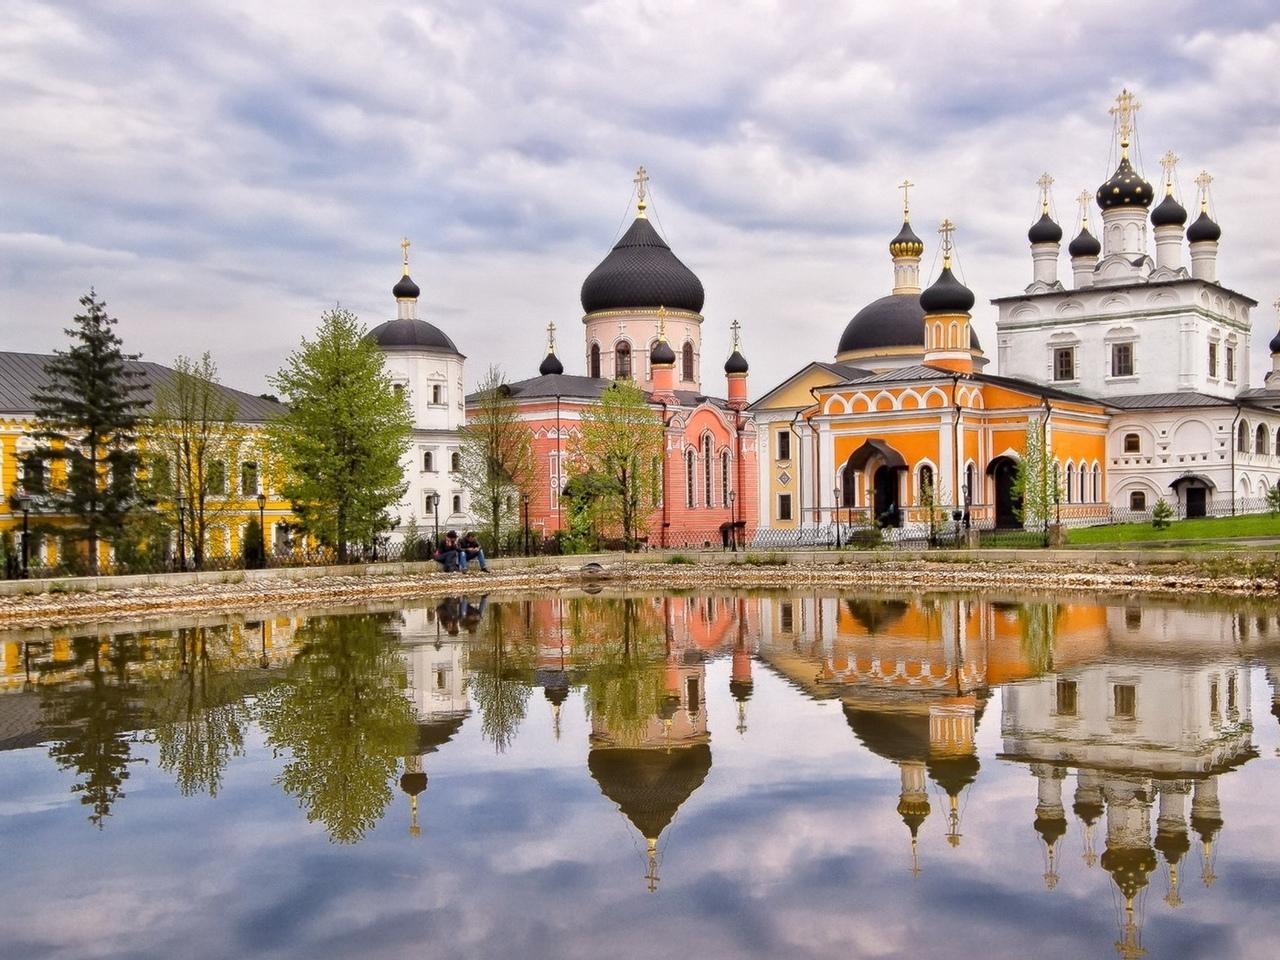 Wk_QwZKIY2M Давидова пустынь монастырь в Подмосковье.